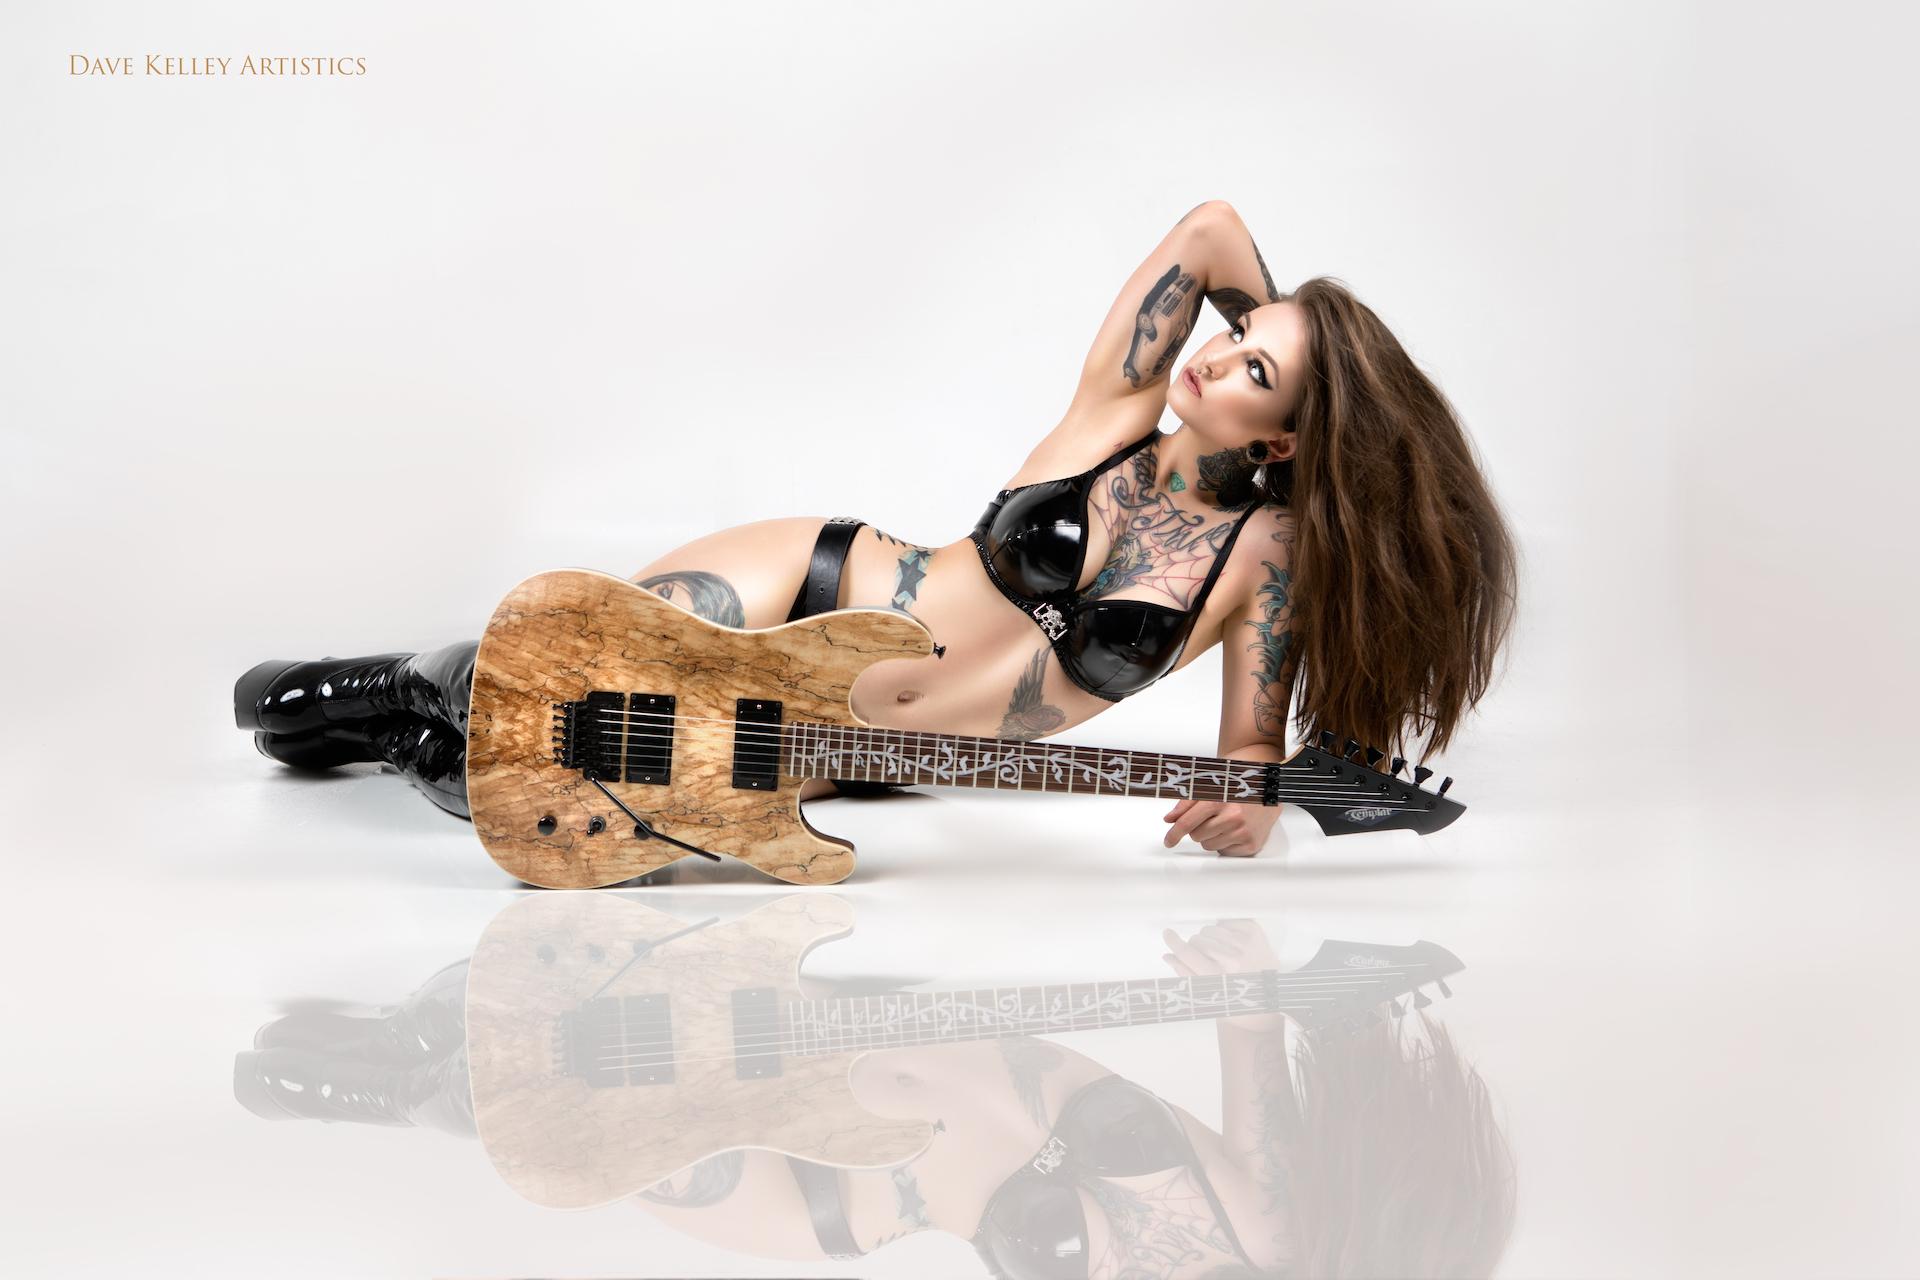 Guitar0517elyseMckee - IMGL0977-Edit.jpg